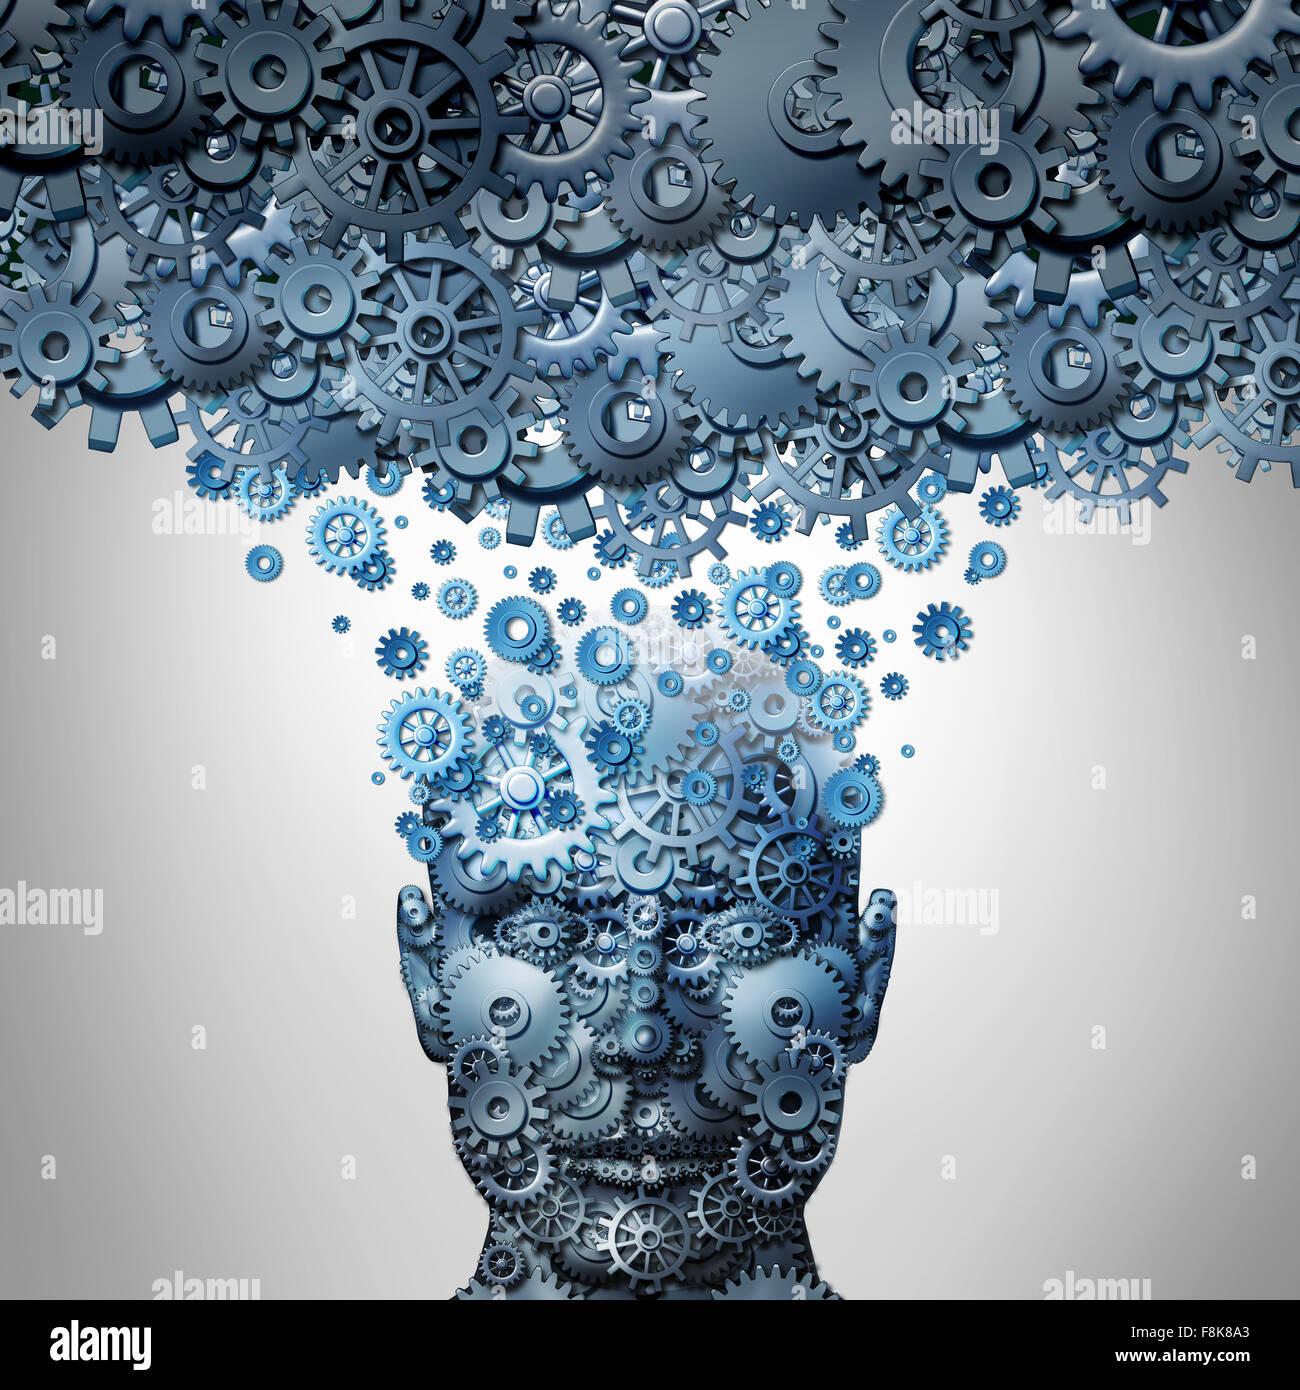 Téléchargez votre esprit ou télécharger votre cerveau concept comme une tête humaine faite Photo Stock